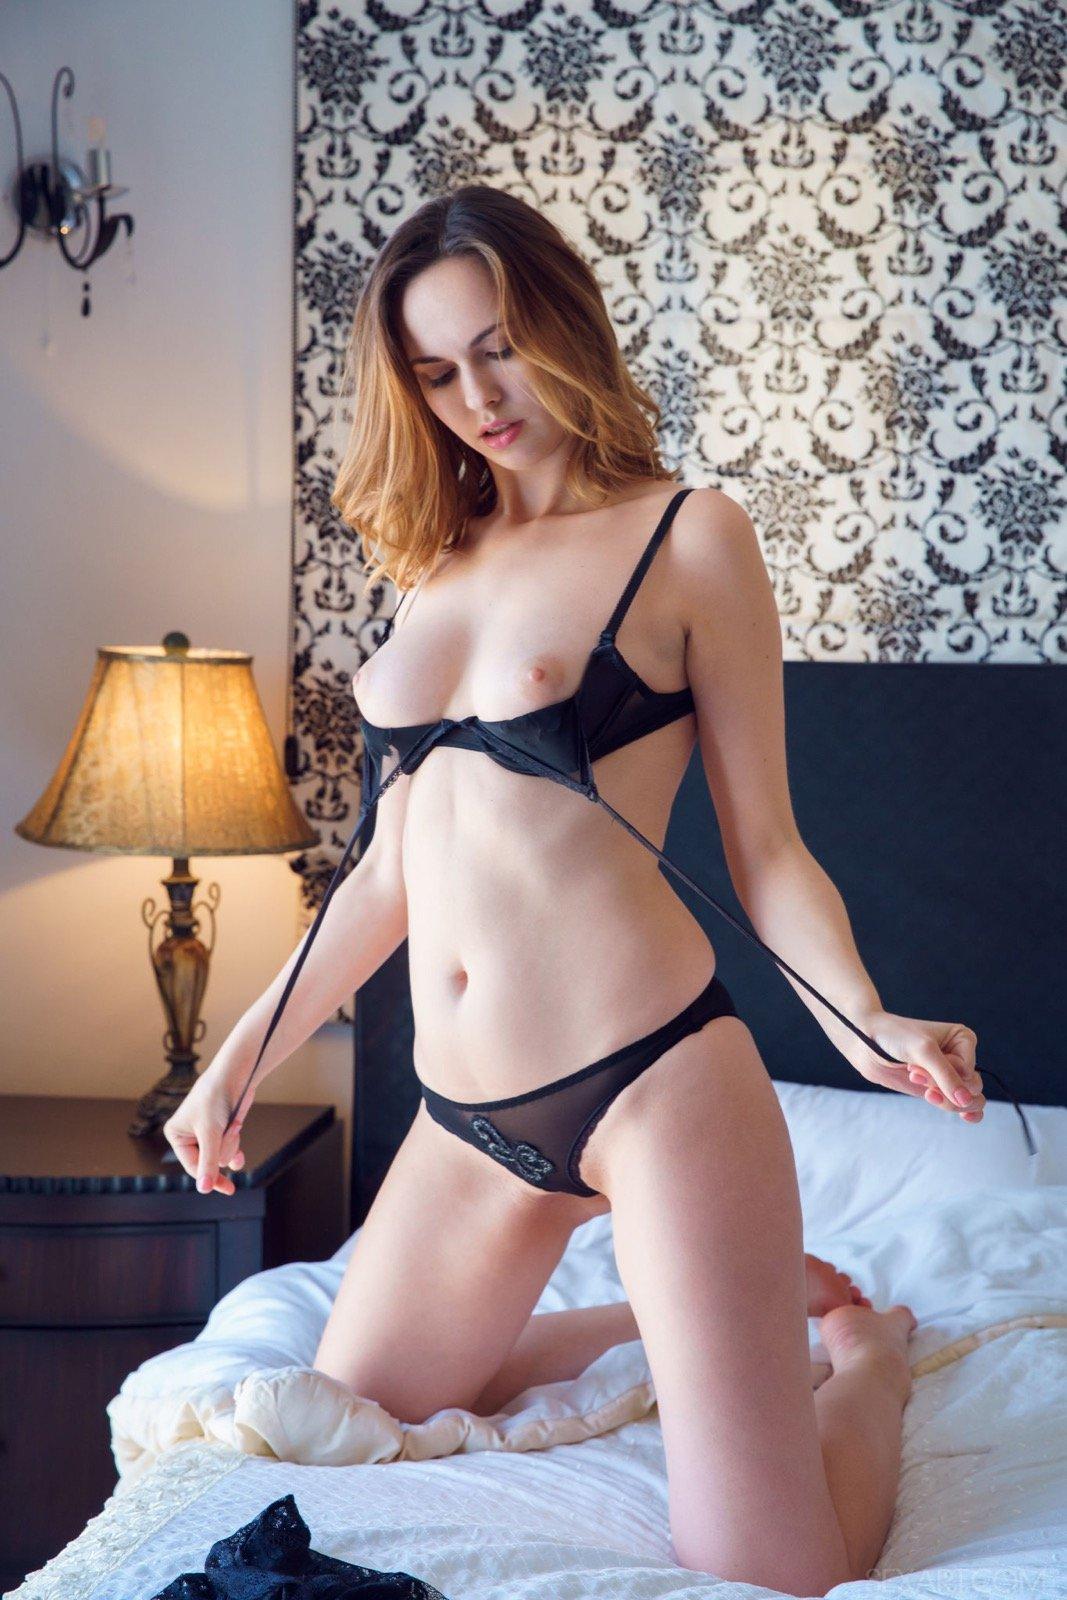 Красавица в трусиках и лифчике разделась в постели